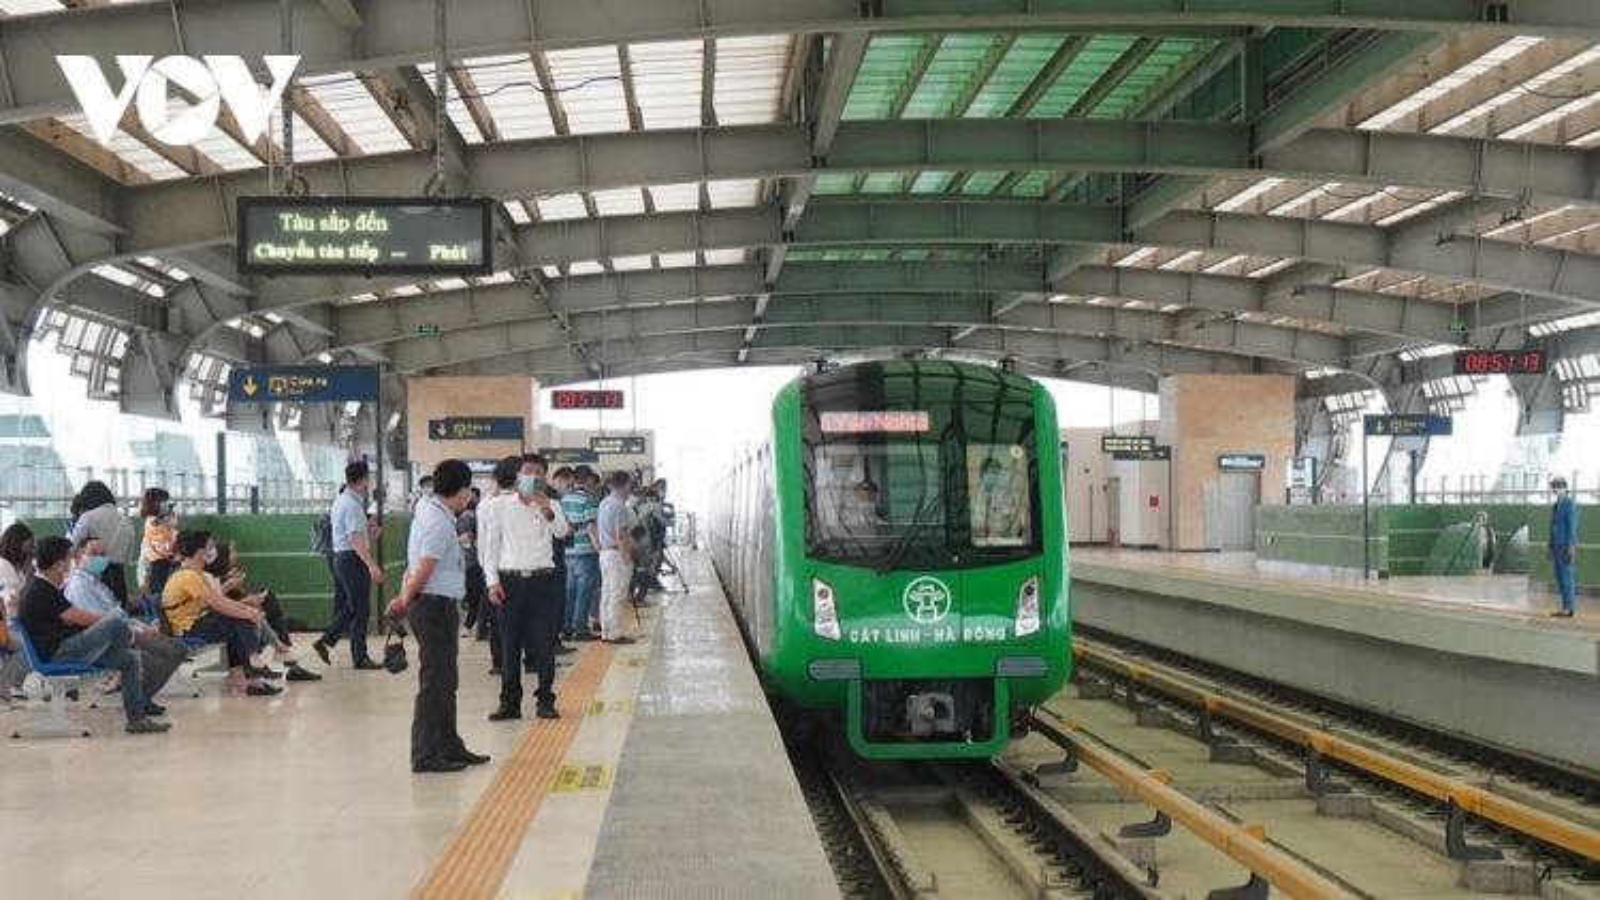 Phó Thủ tướng Lê Văn Thành yêu cầu đưa đường sắt Cát Linh-Hà Đông vào khai thác trong tháng 11